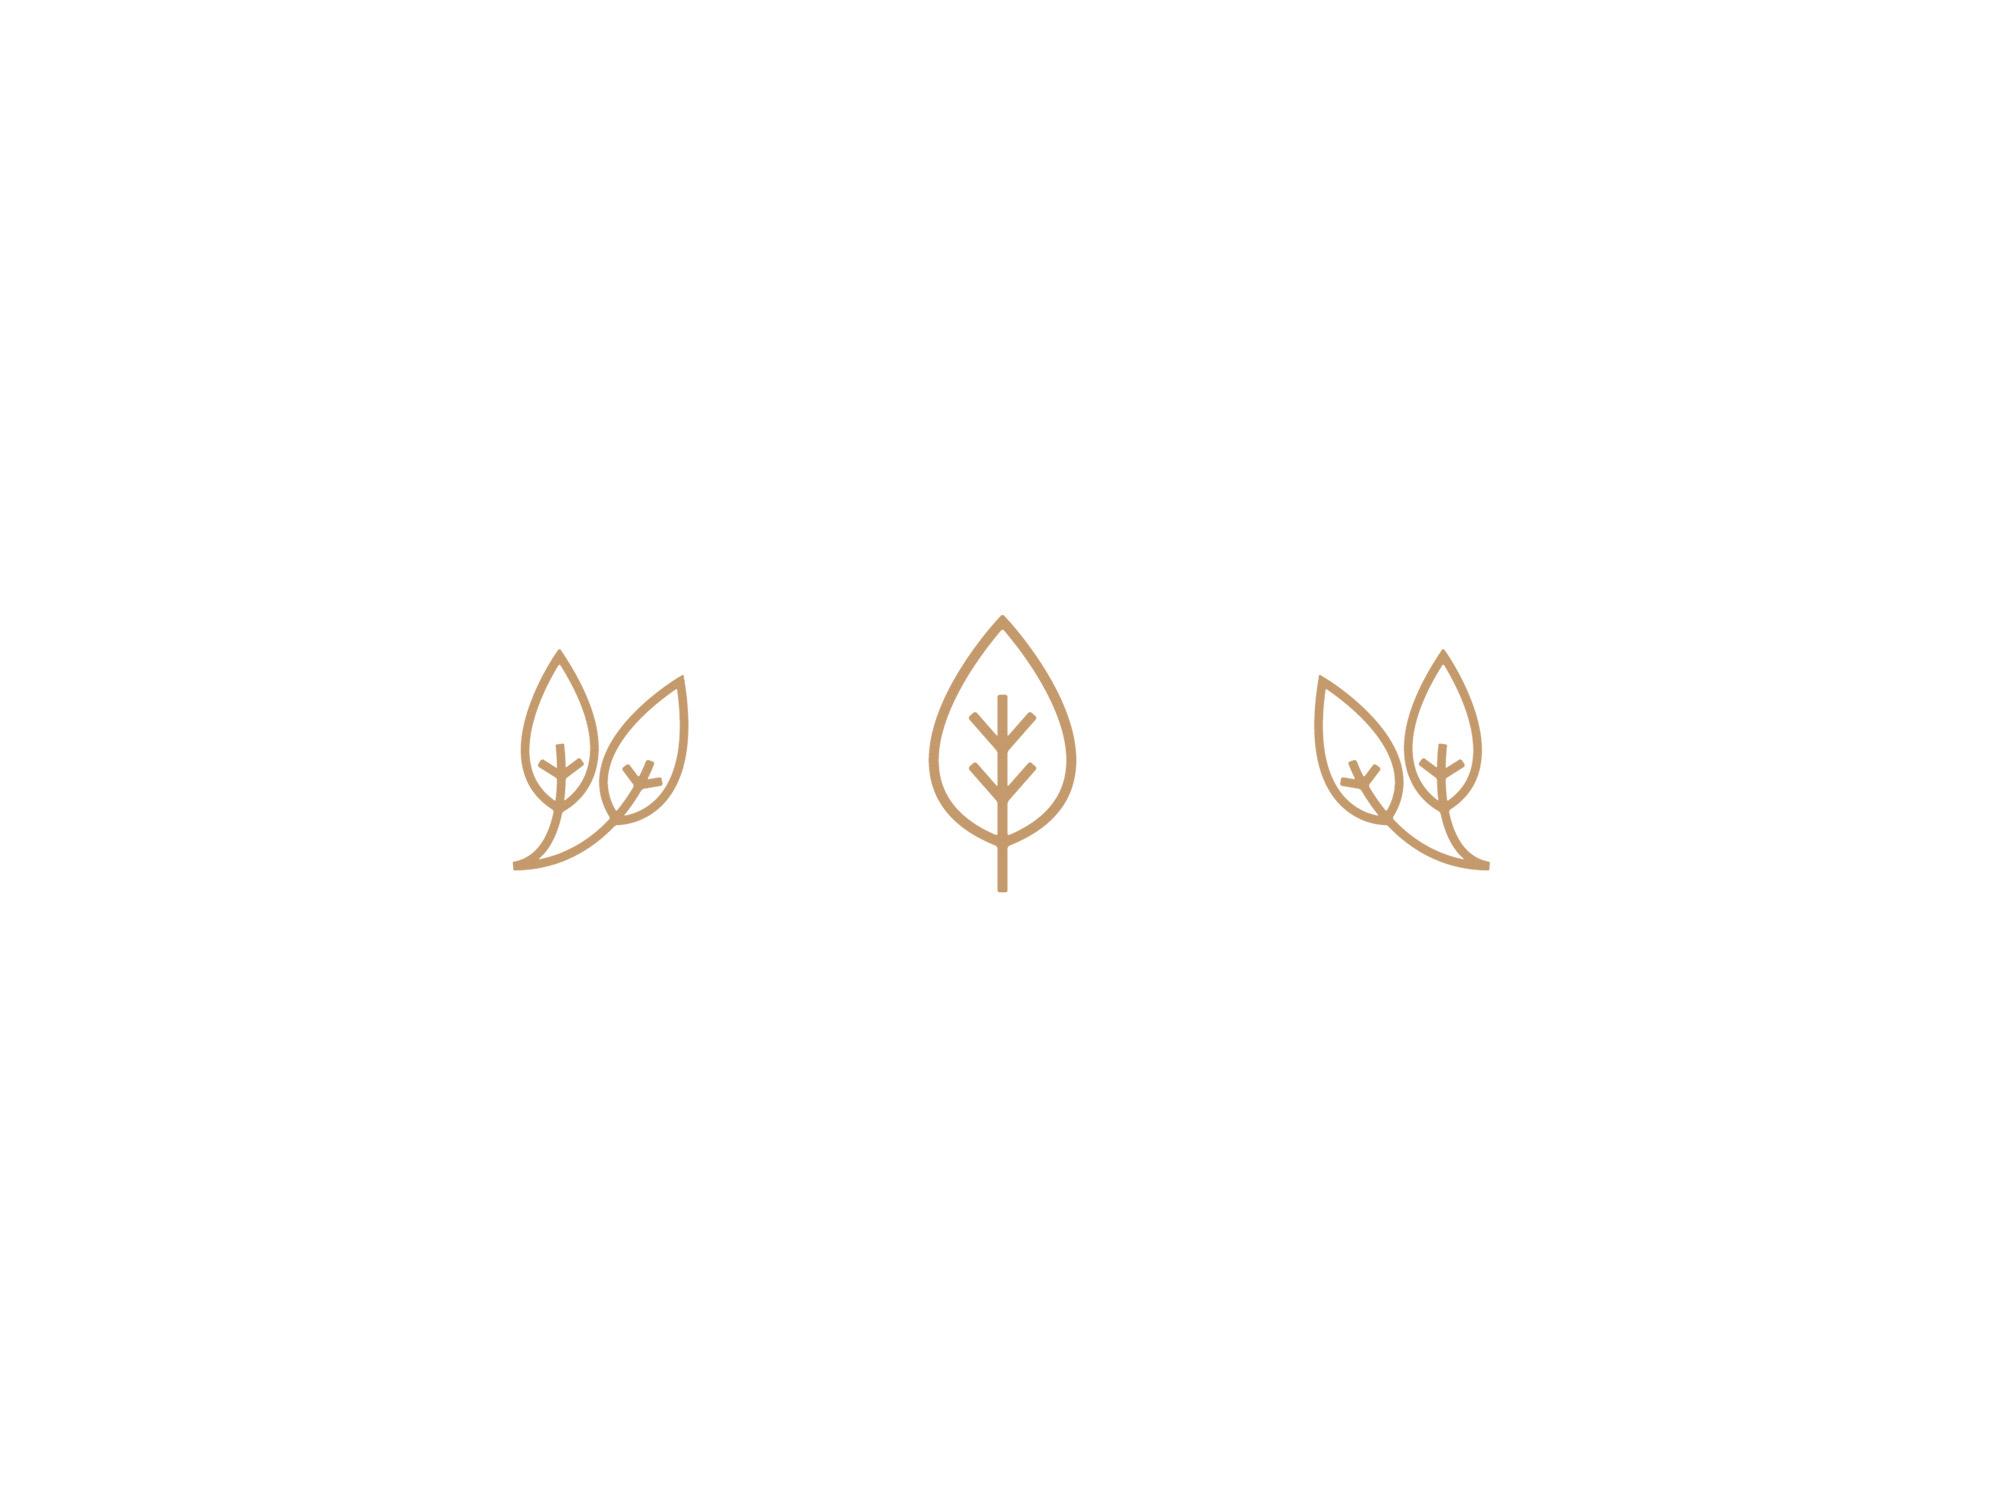 Leaf-Symbols-Vectors.jpg